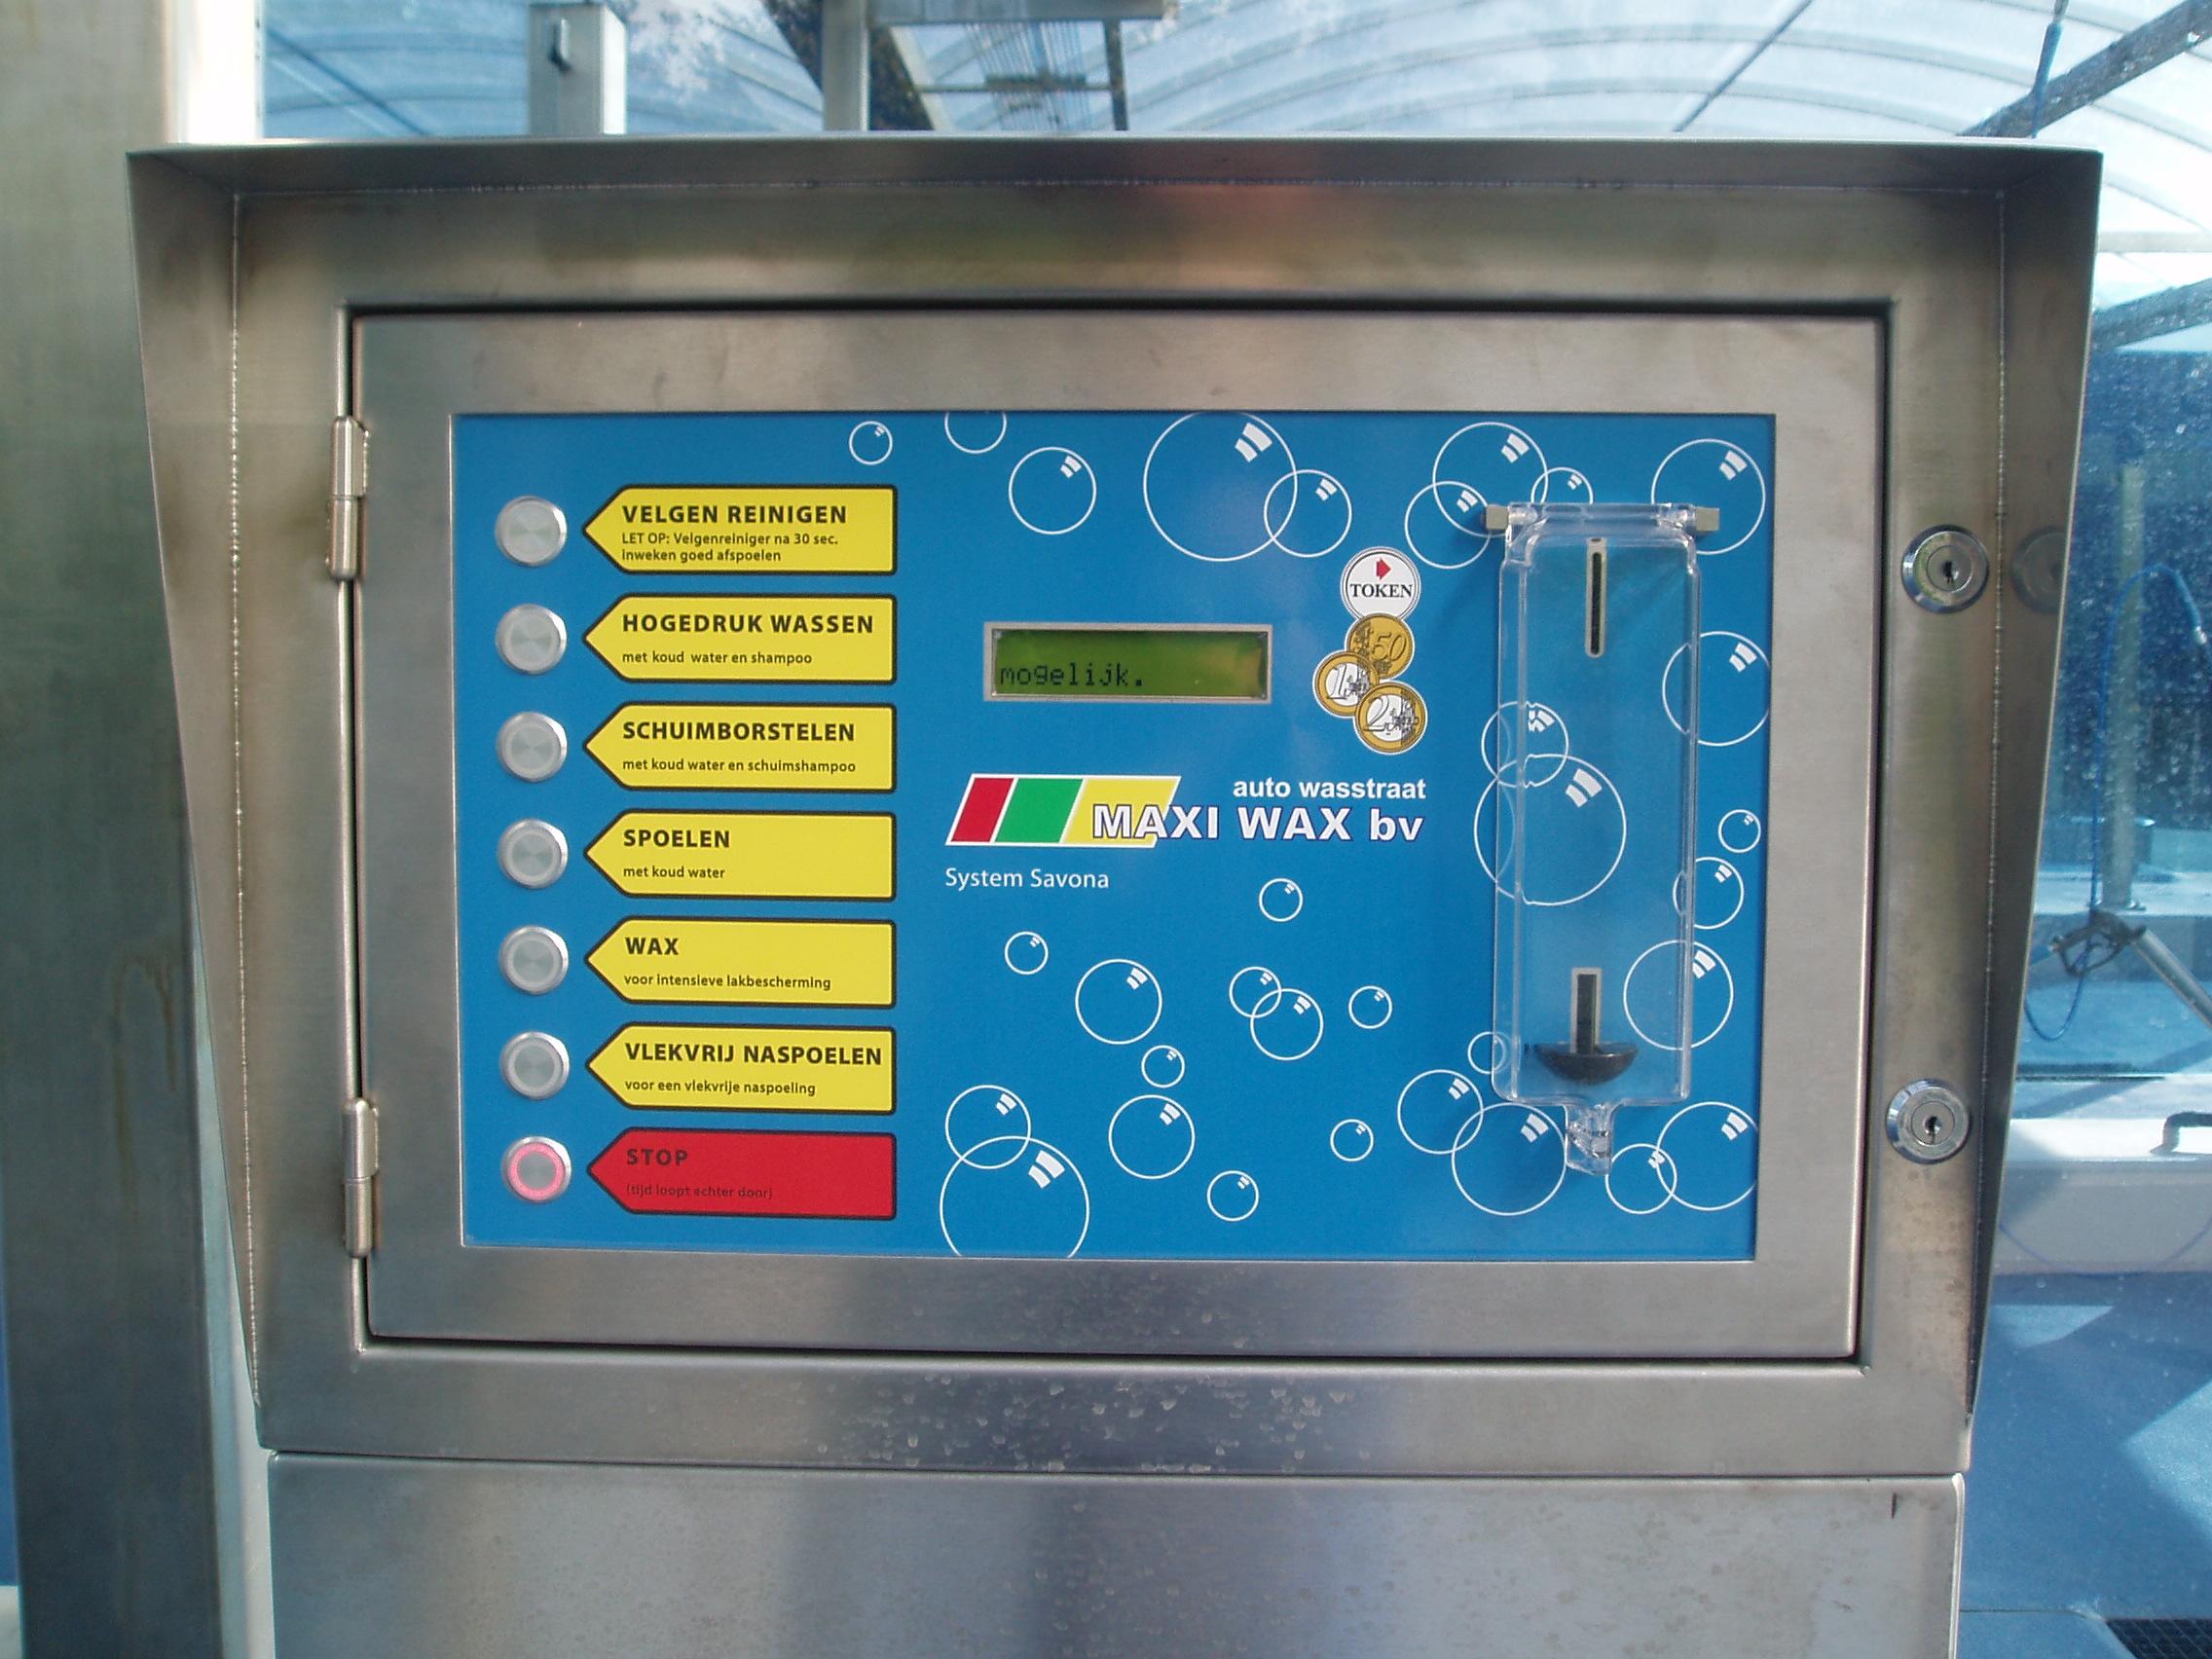 opties-wasbox.jpg